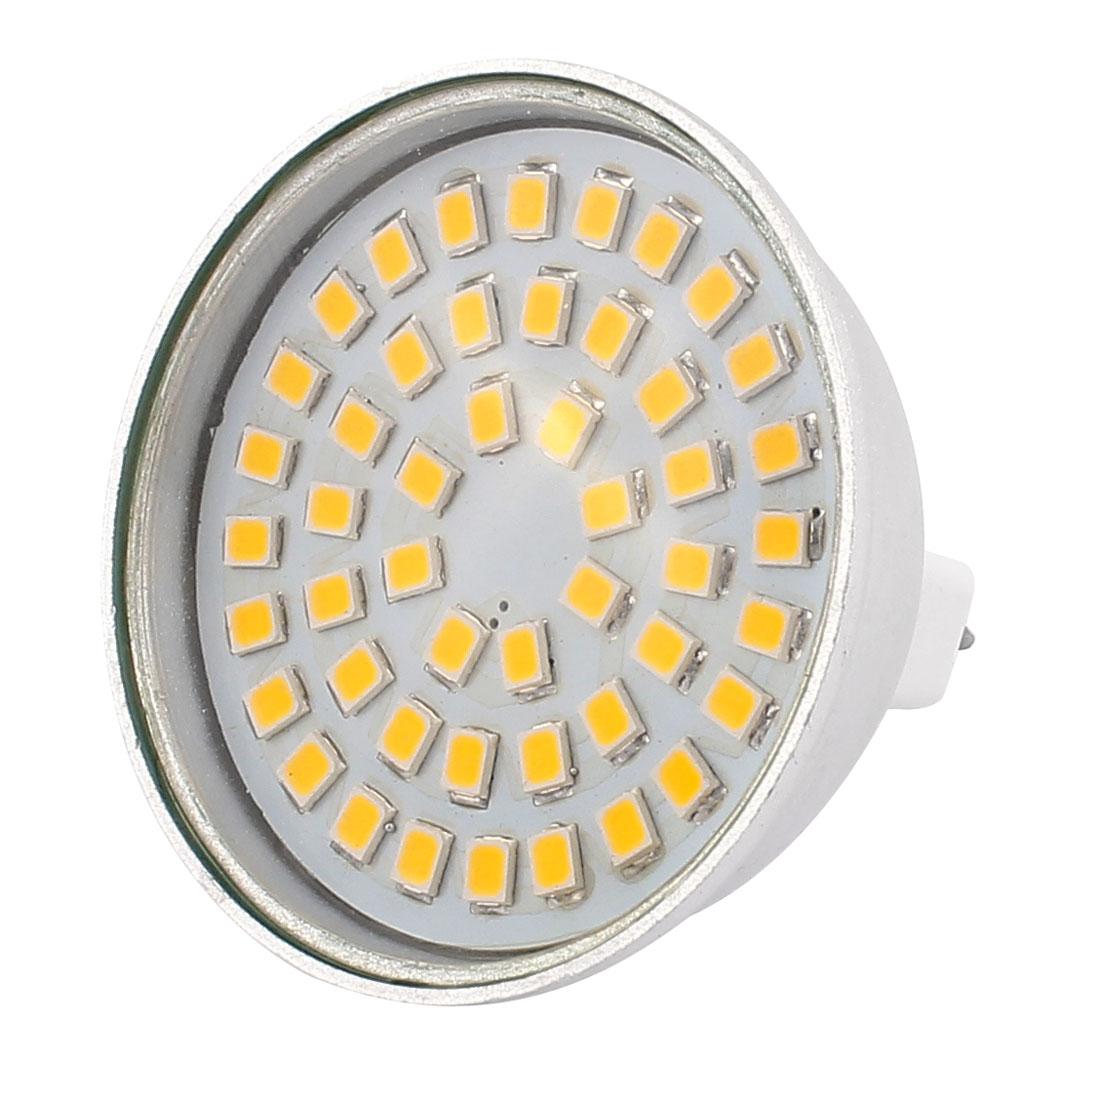 220V-4W-MR16-2835-SMD-48-LEDs-LED-Bulb-Light-Spot-Lamp-Energy-Save-Warm-White